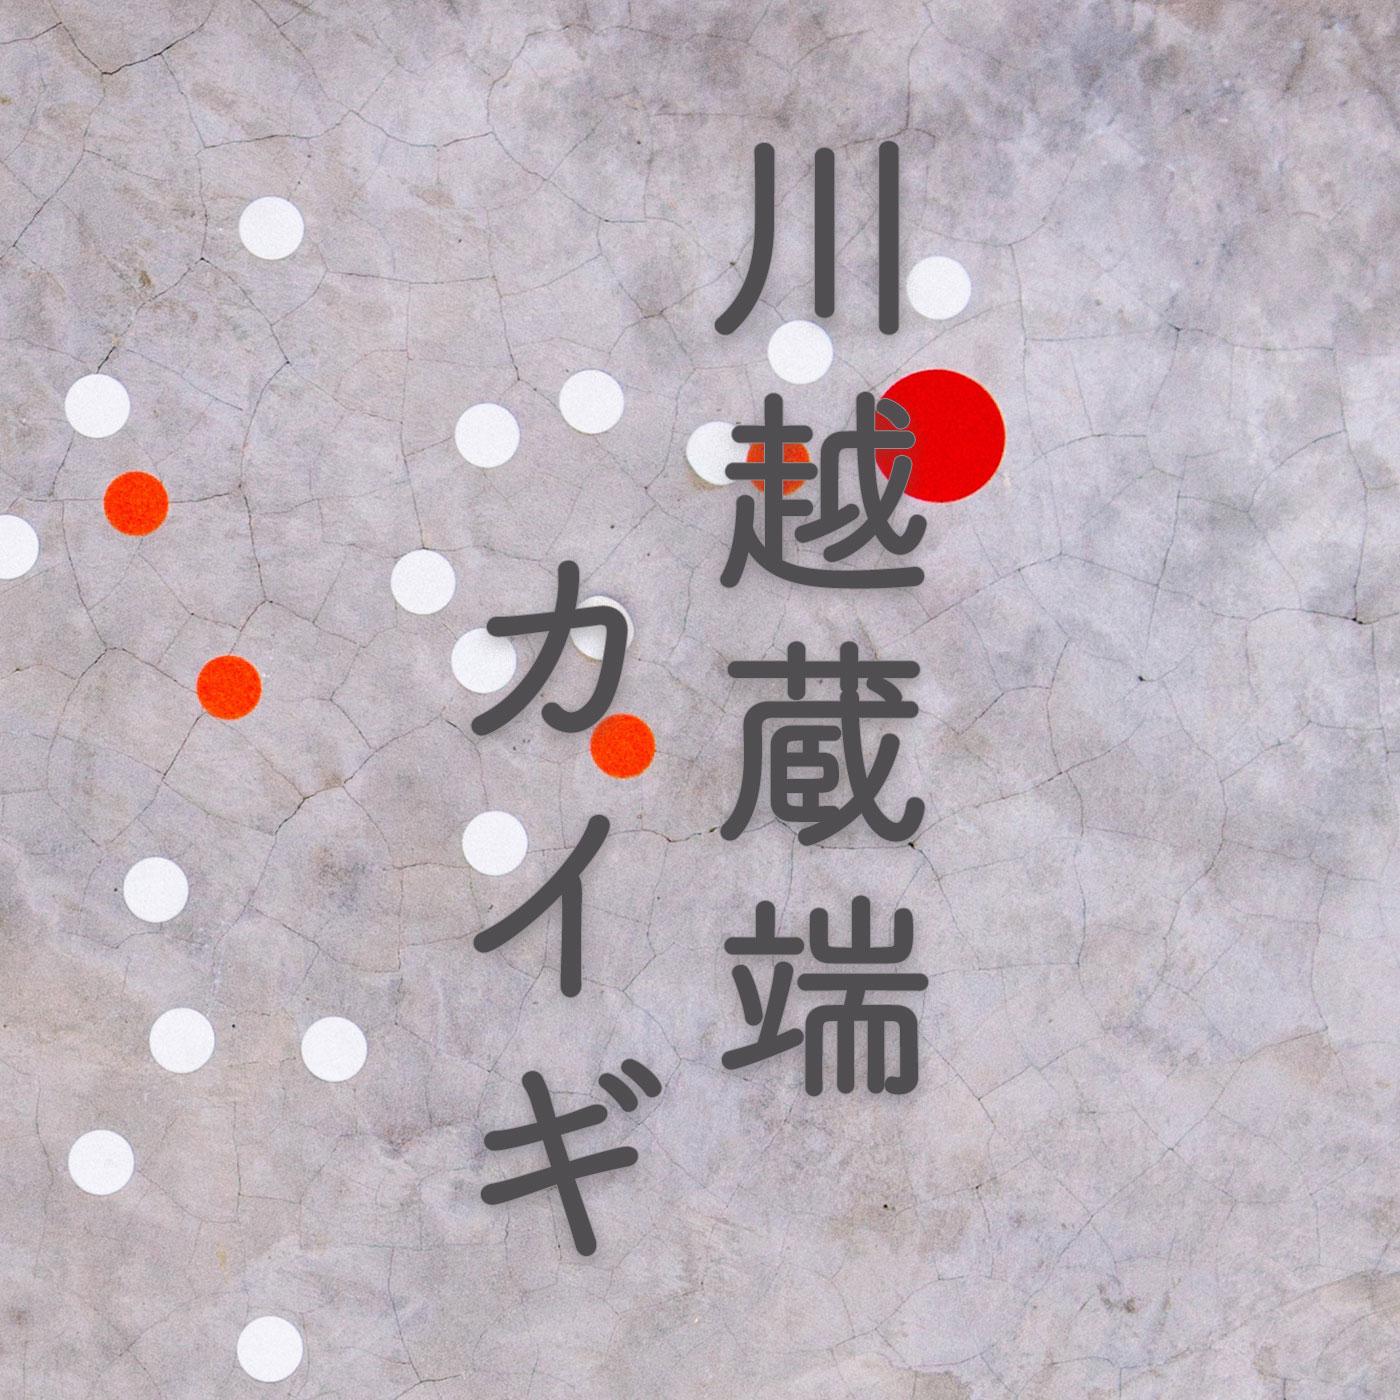 川越蔵端ラジオ〜蔵端人の声〜